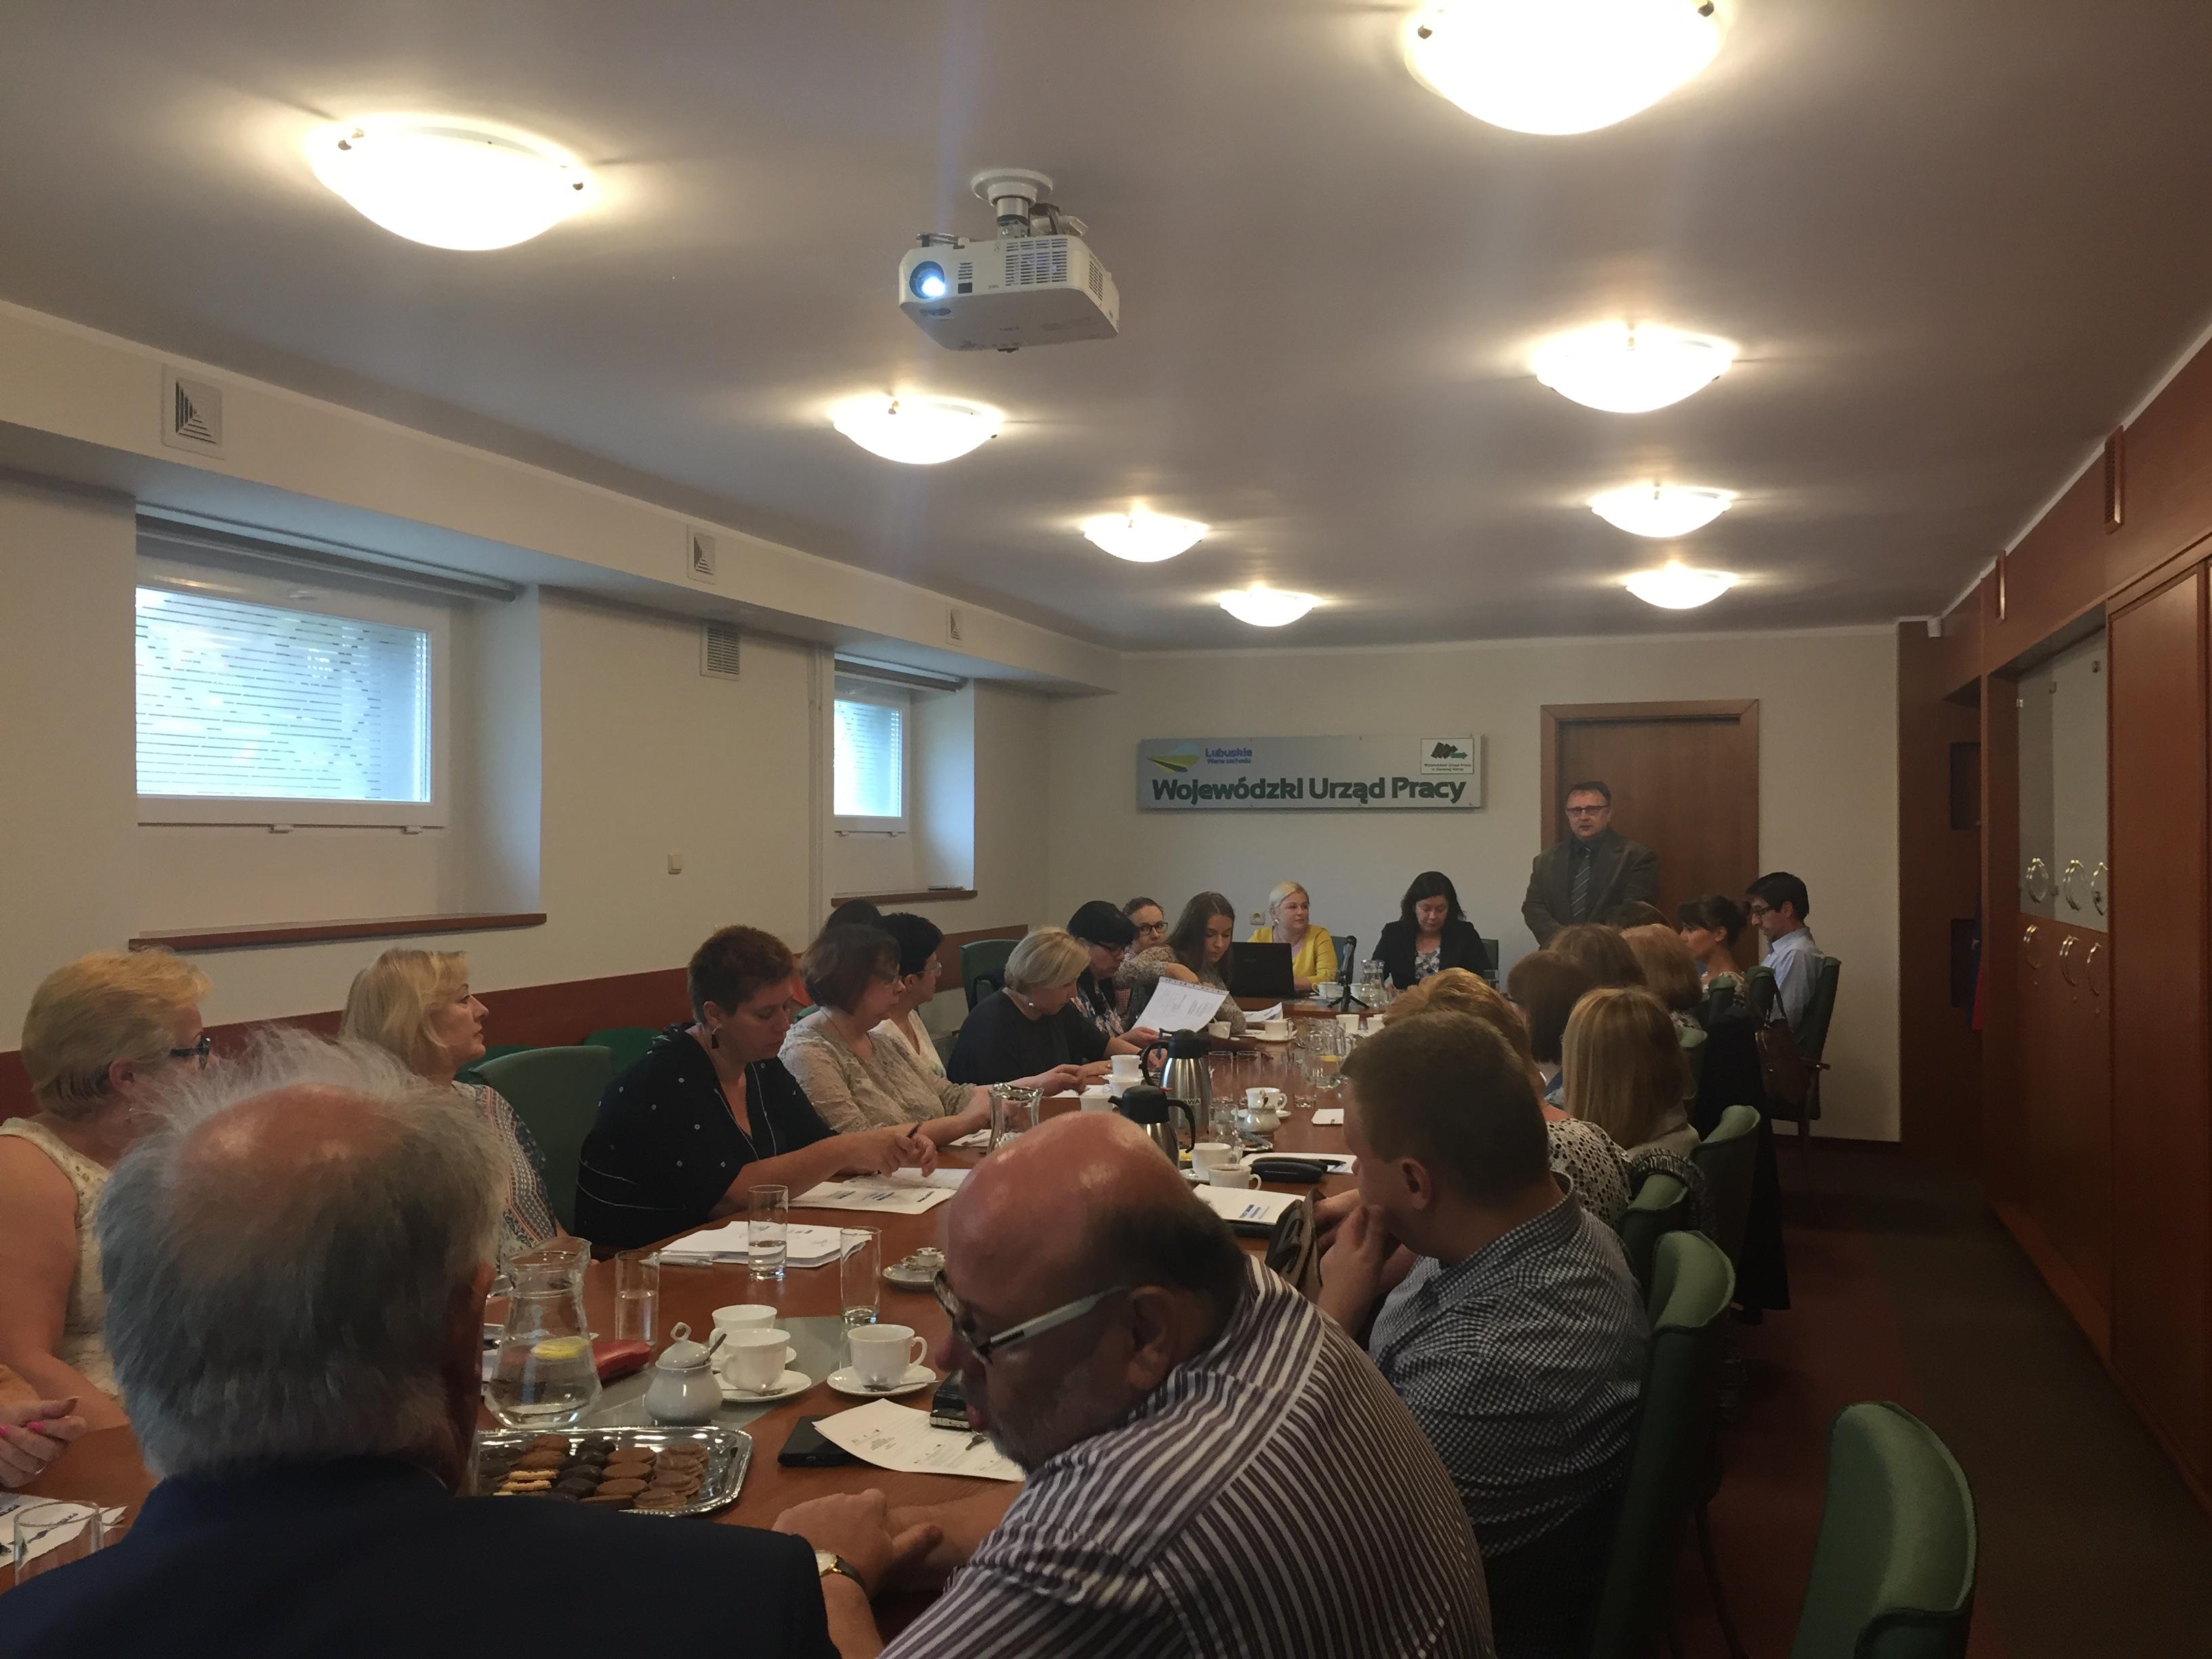 Dyrektor WUP w Zielonej Górze pan Waldemar Stępak przywitał wszystkich gości przybyłych na spotkanie oraz przedstawił tematykę zebrania.